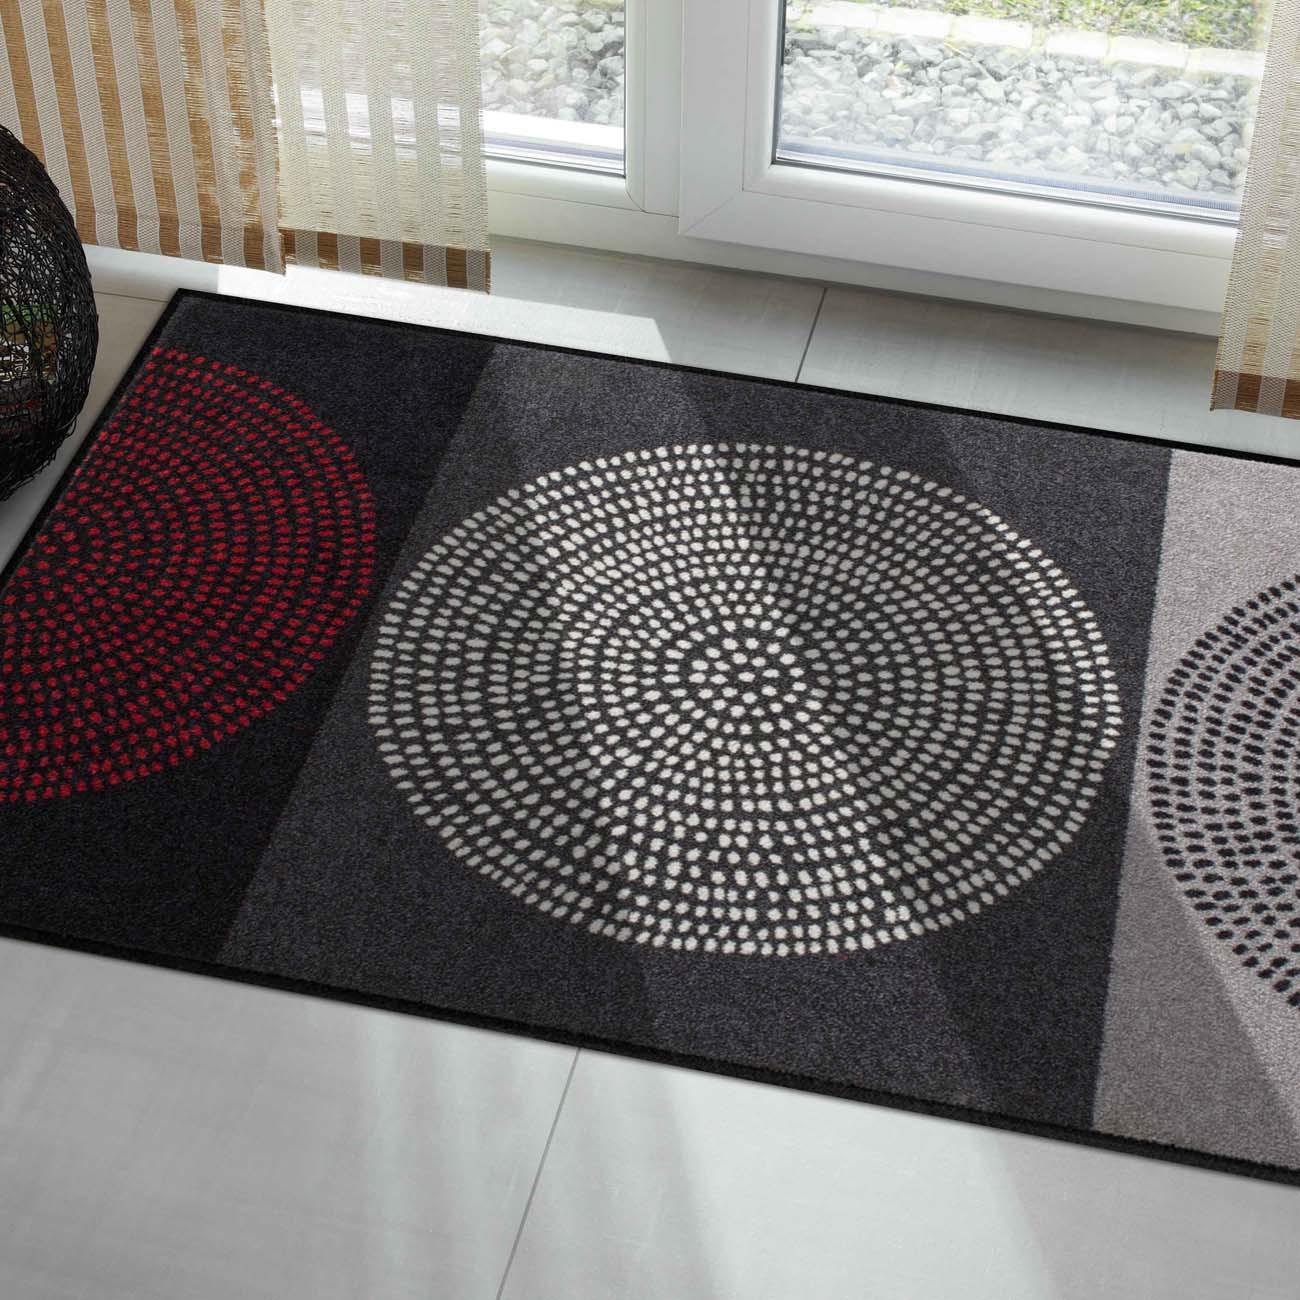 Fußmatten Für Draußen salonloewe fußmatte waschbar nestor 50x75 cm sld0847 050x075 eingang